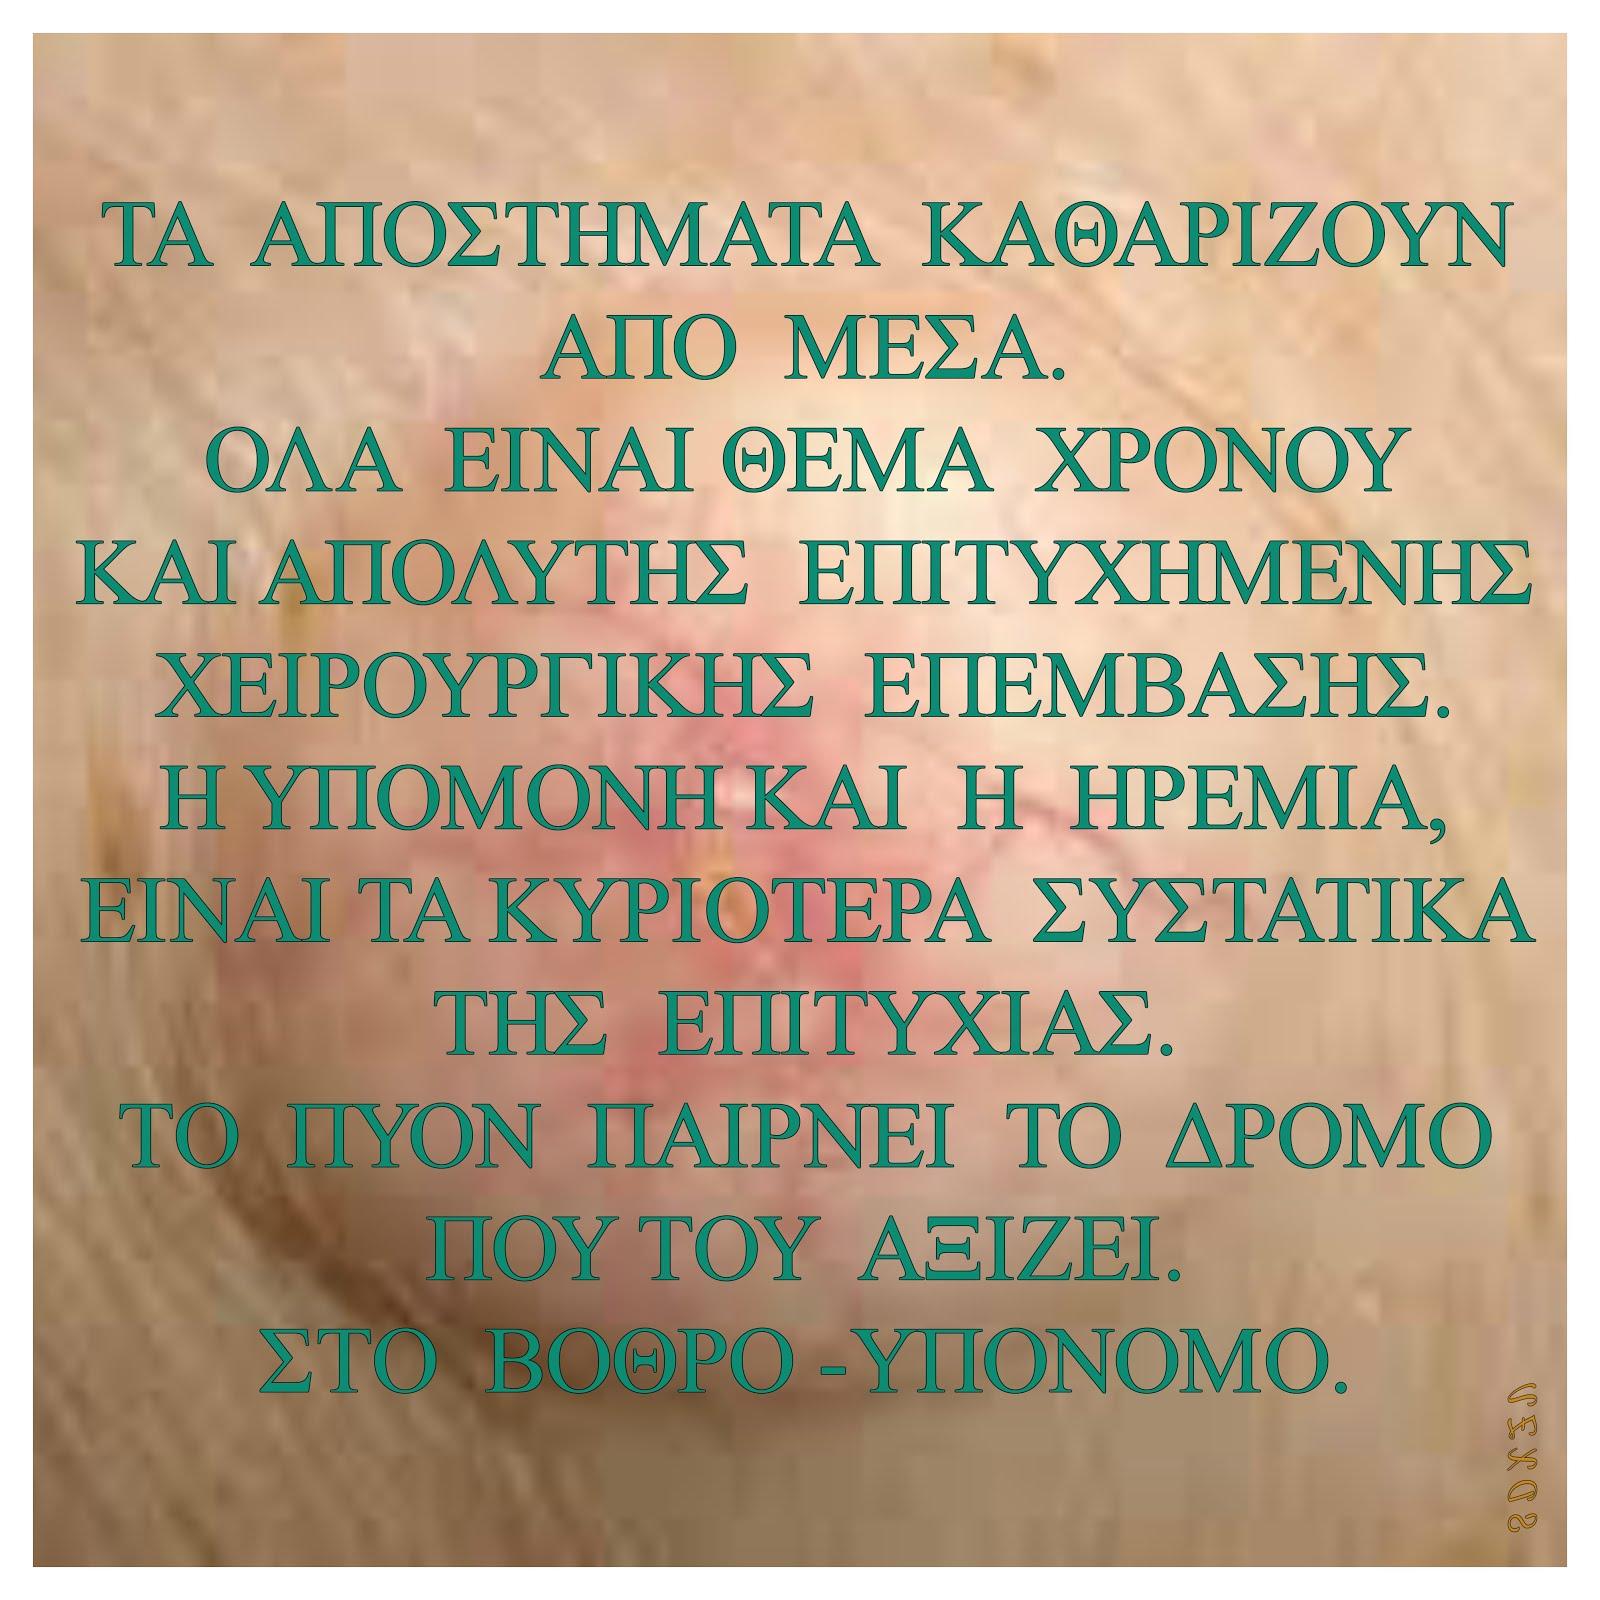 APOSTIMEN - APOSTIWOMAN